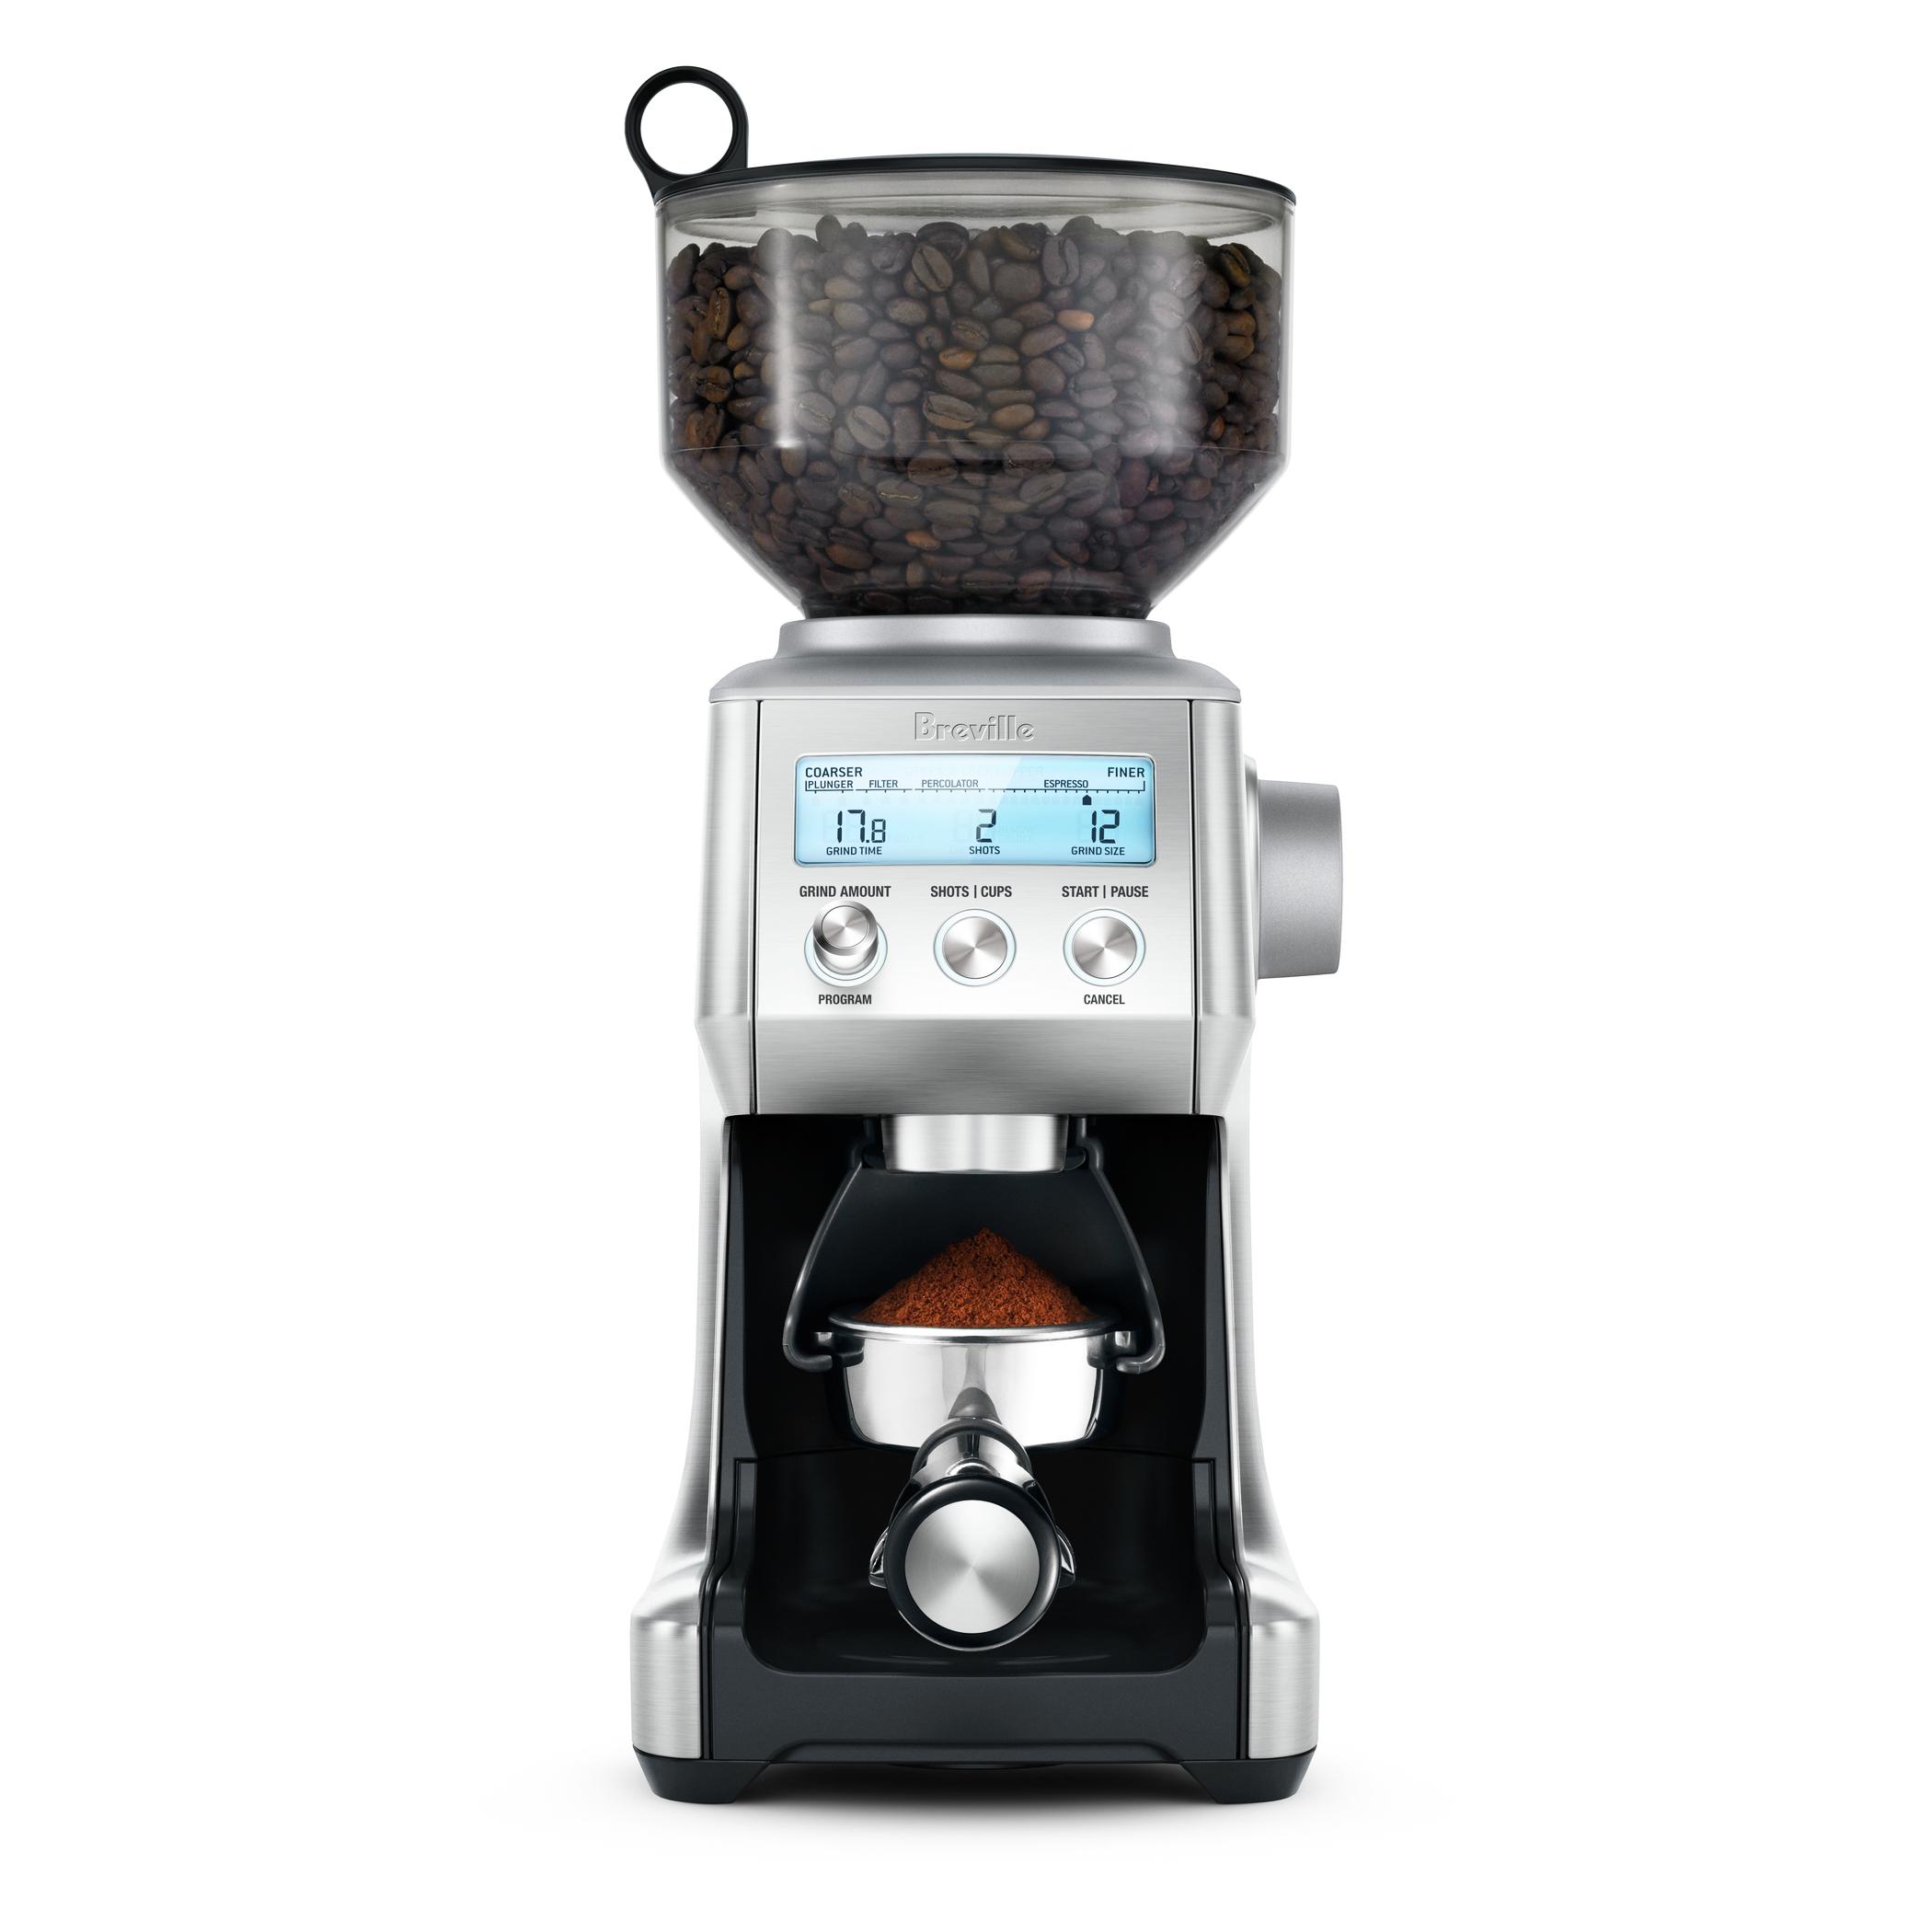 Breville Smart Grinder Pro Stainless Steel Espresso Grinder